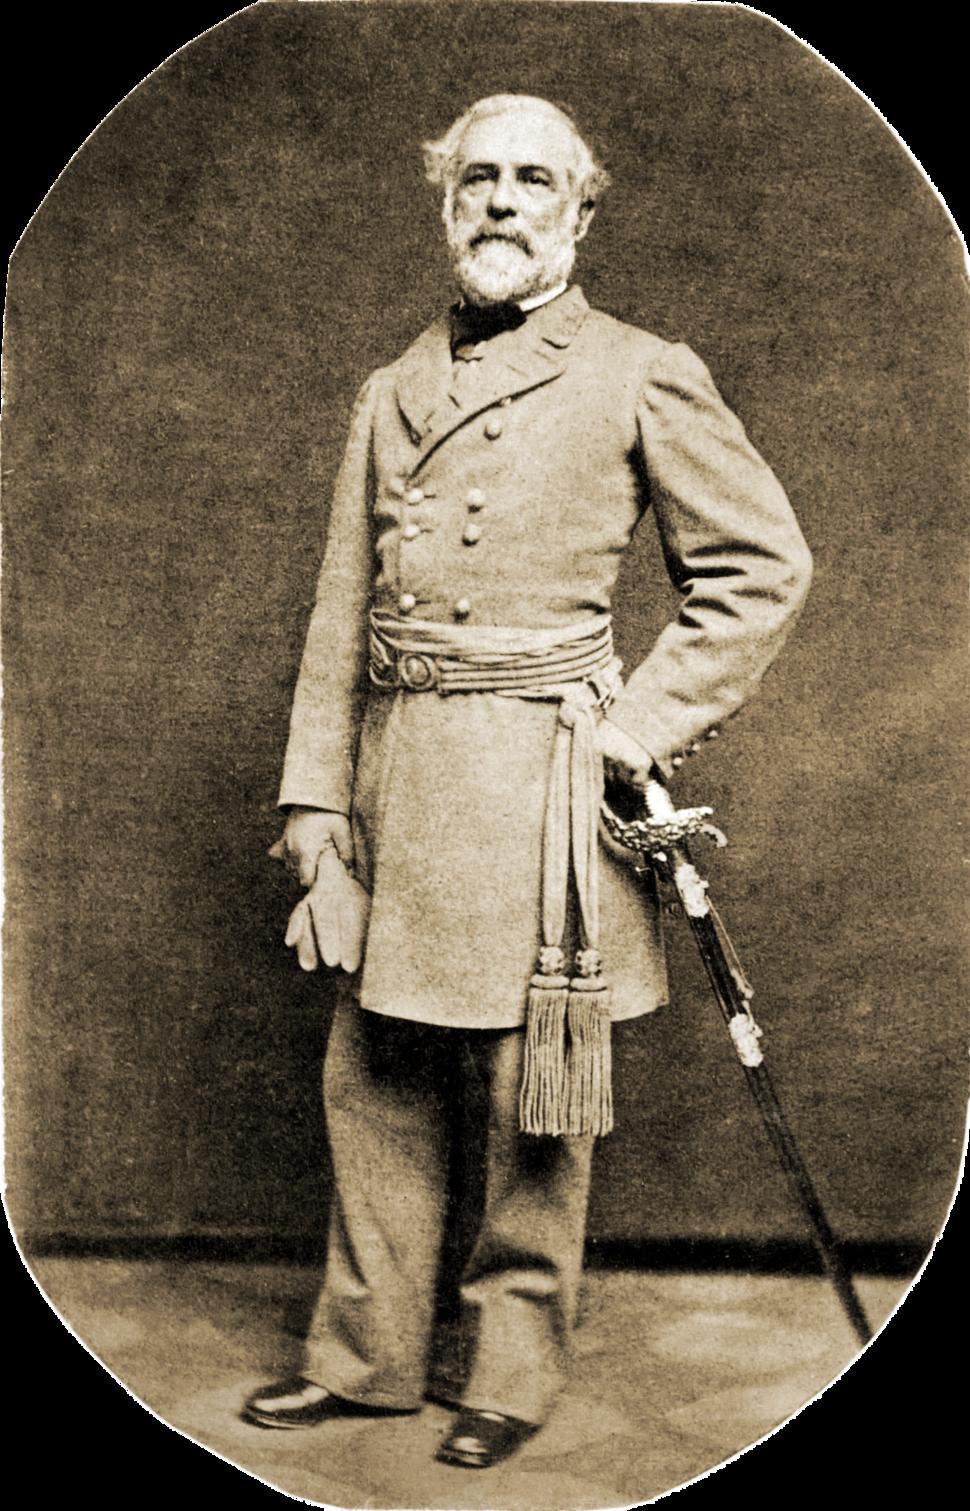 Robert E Lee in 1863